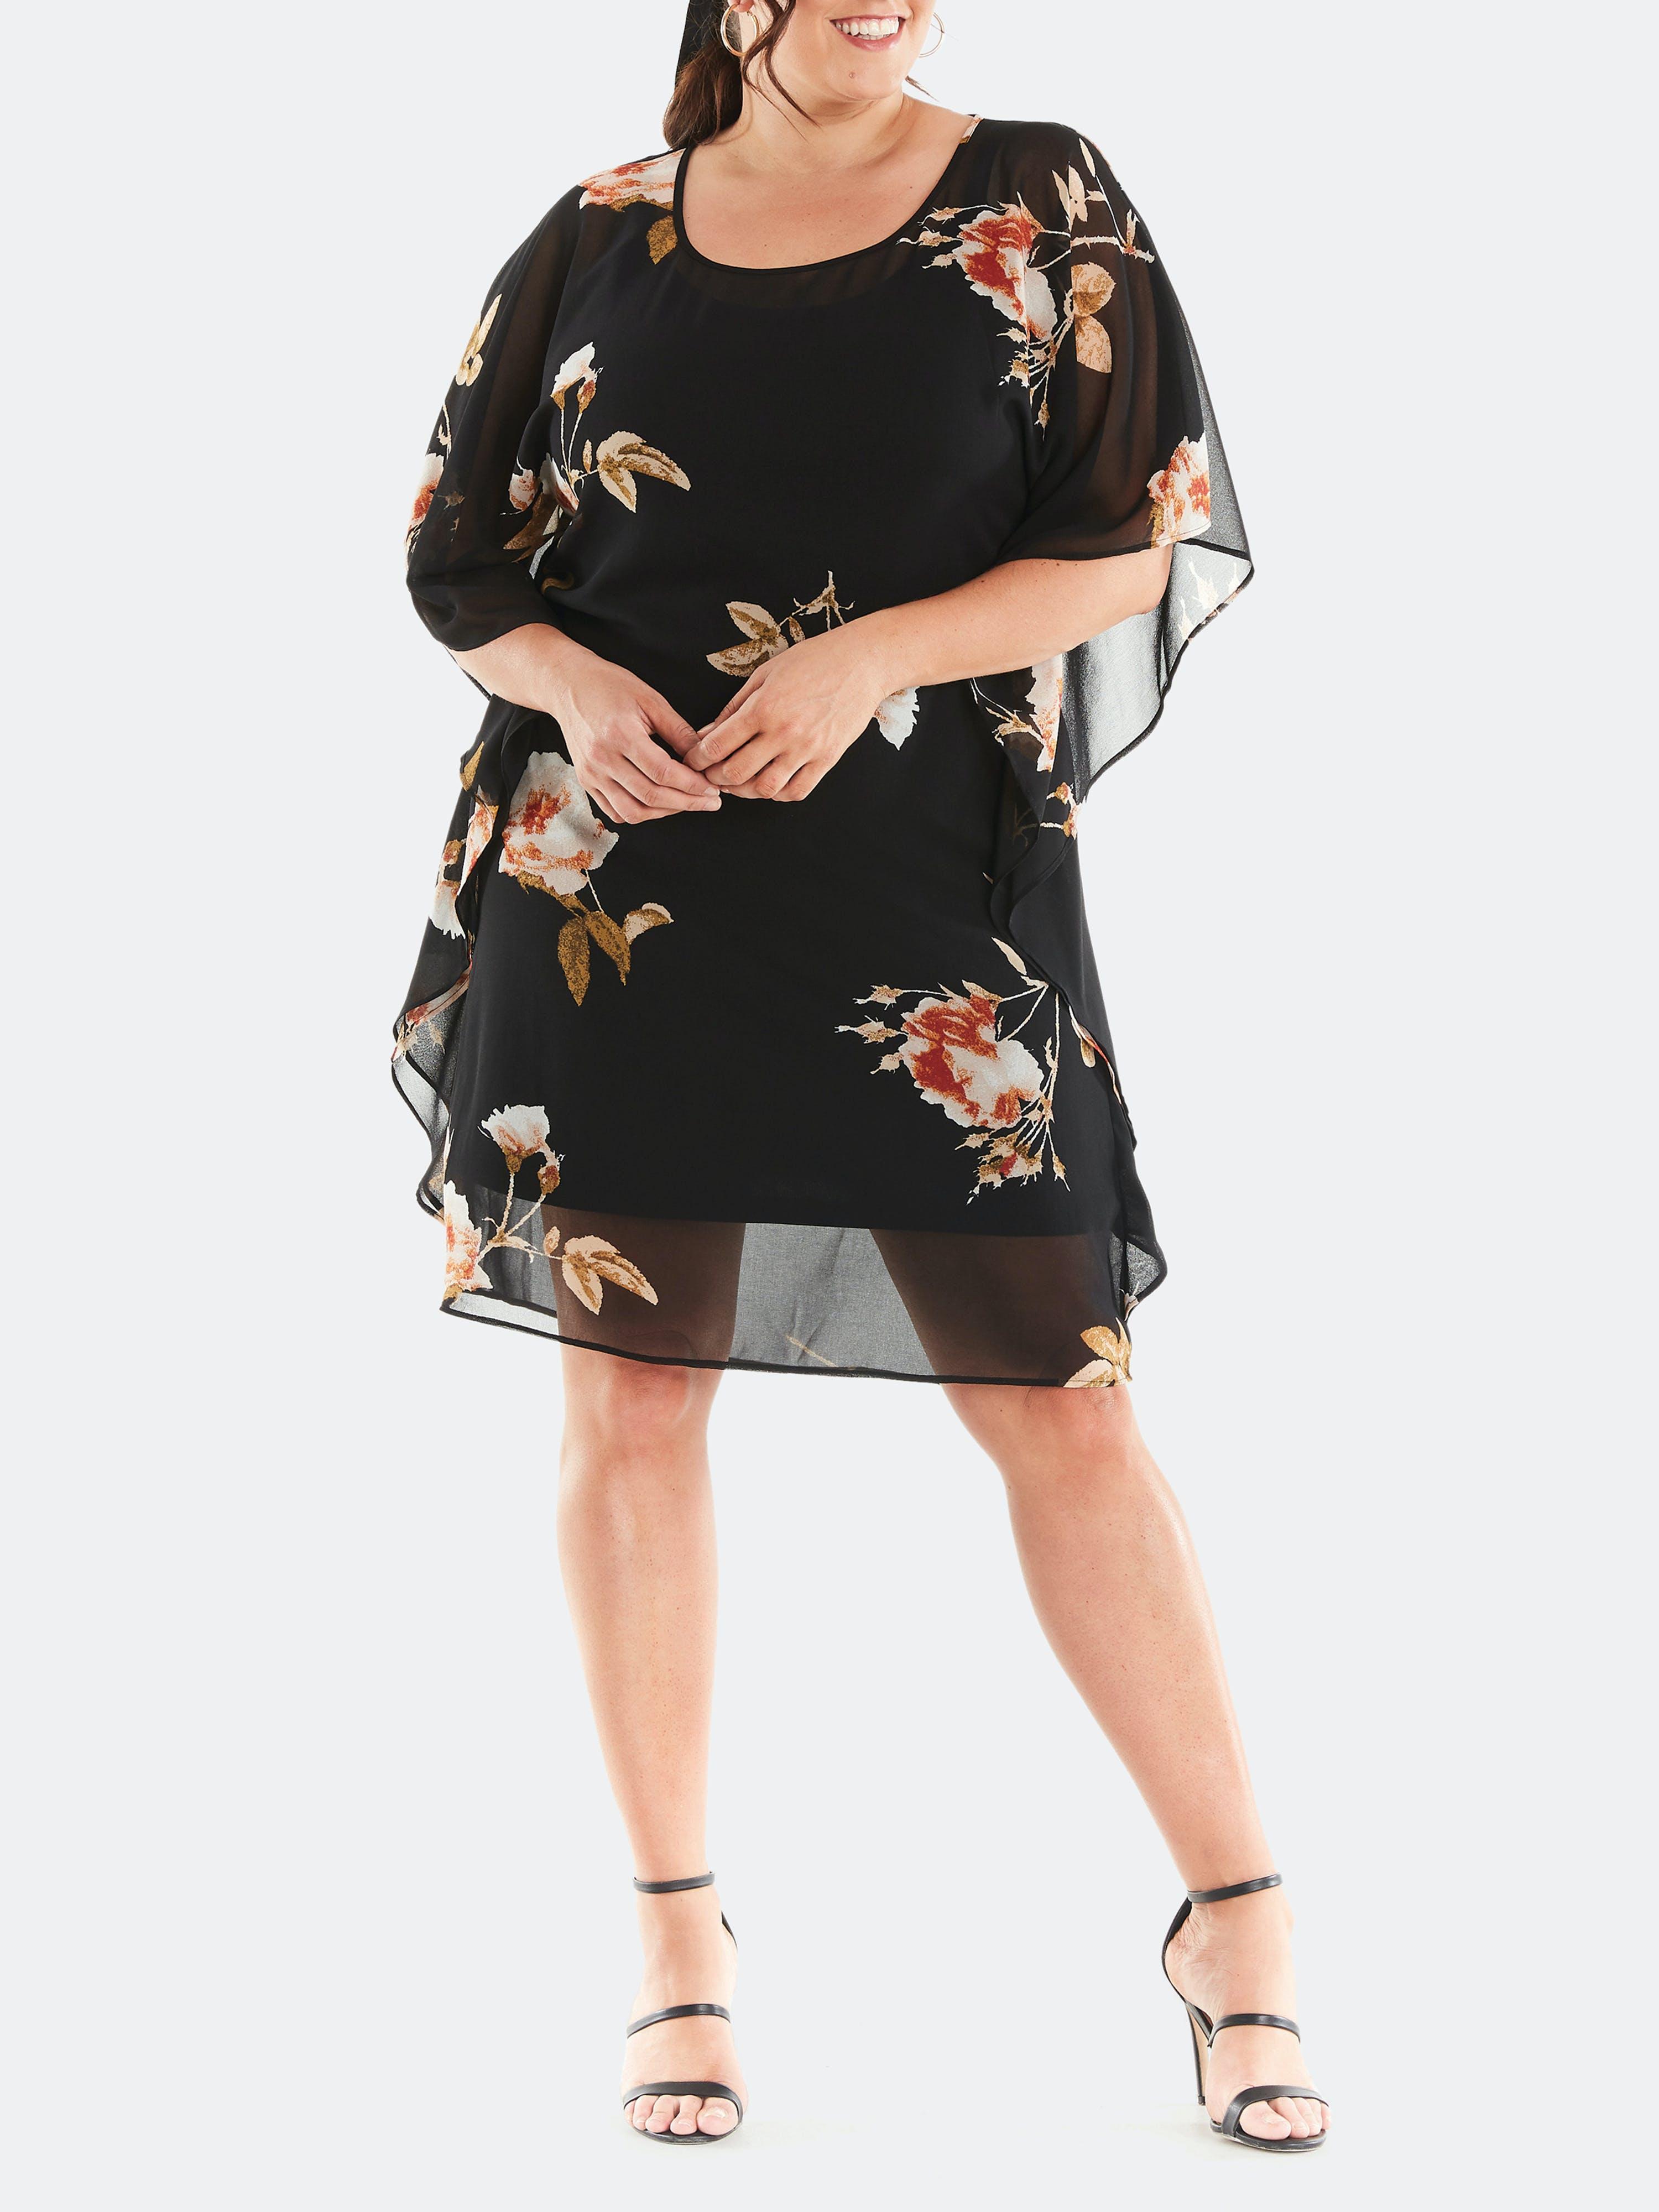 Estelle - Verified Partner Rose Garden Dress - 3X - Also in: 1X, 2X, 4X  - Black